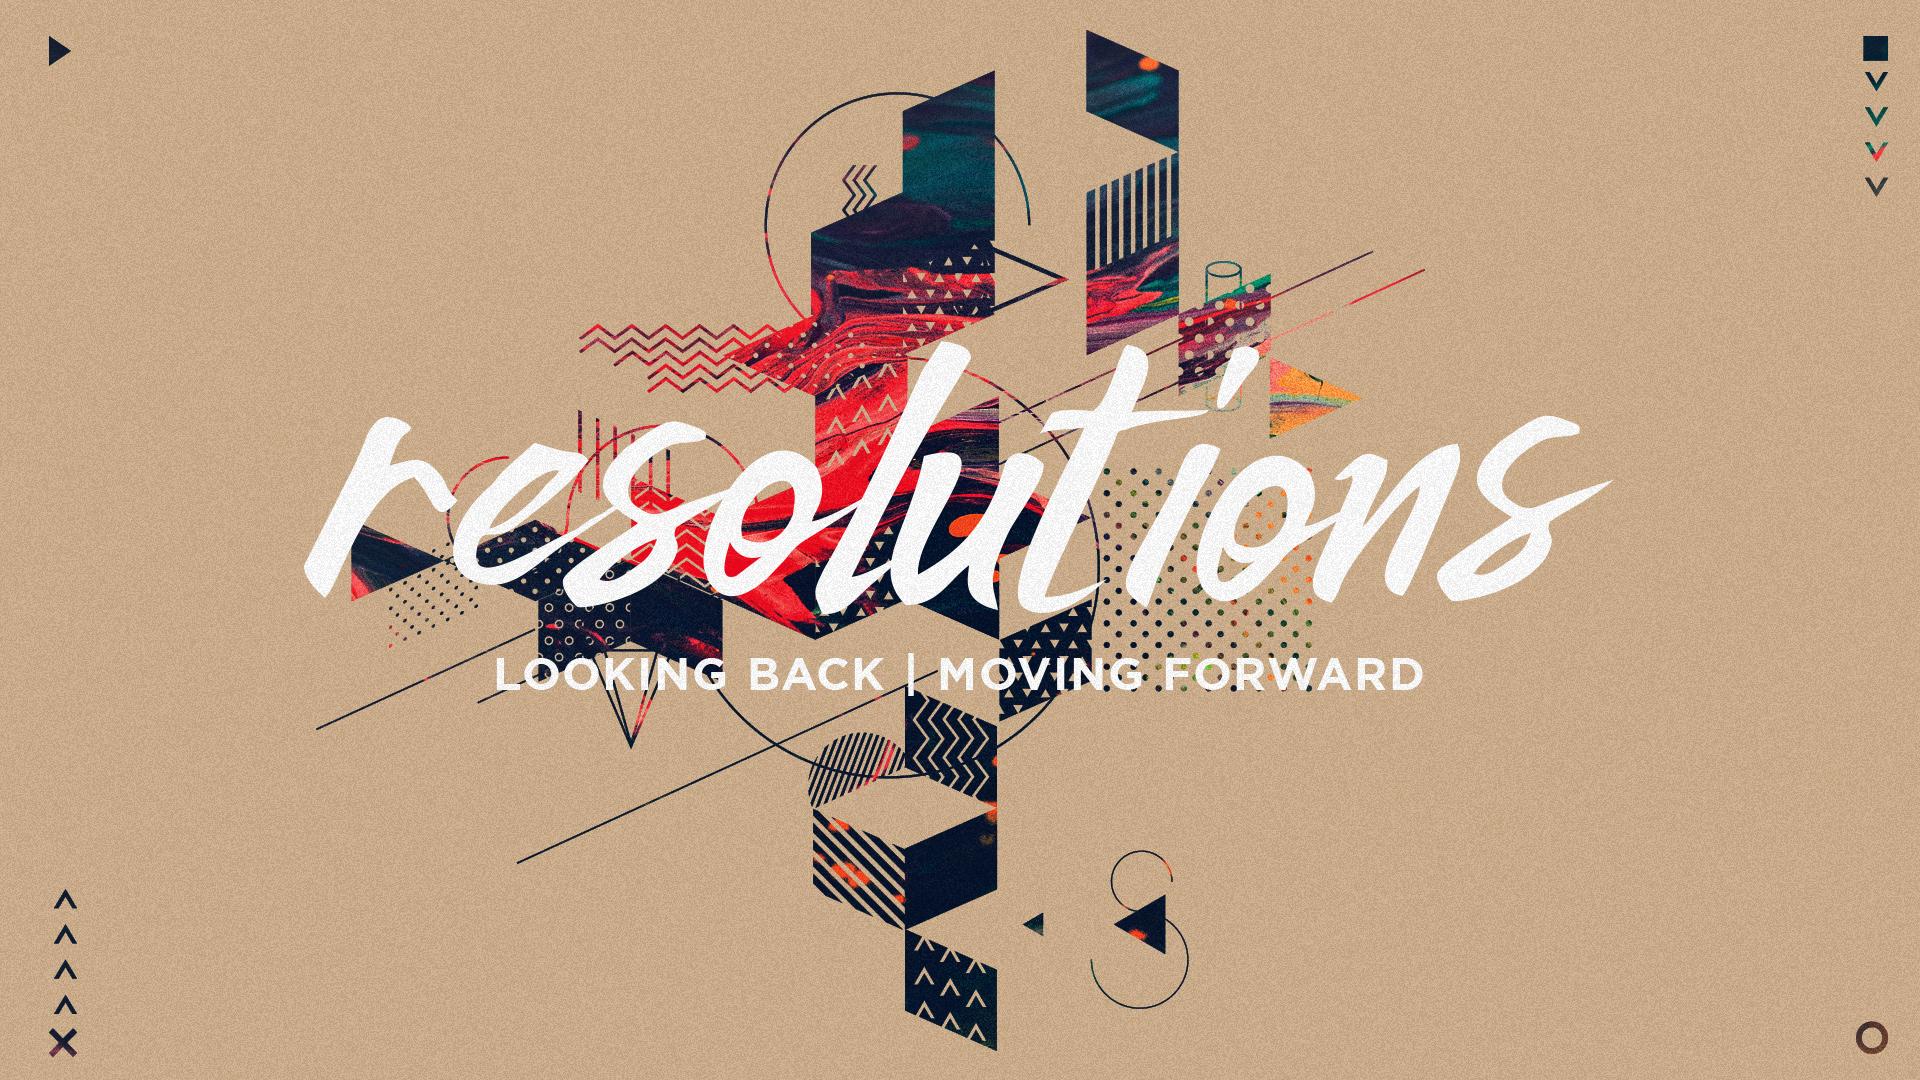 Resolutions (2018)